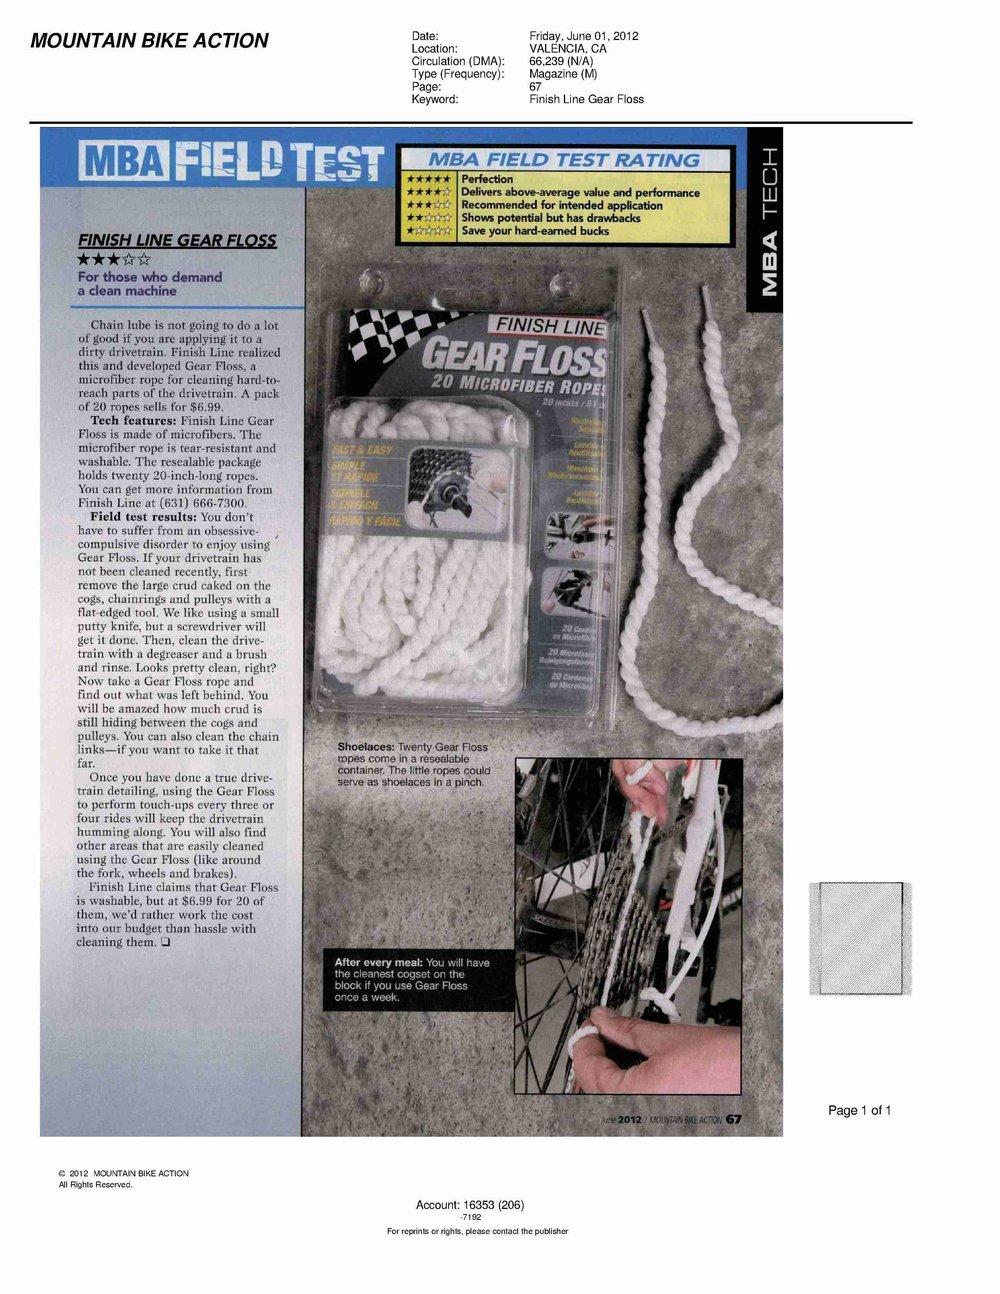 Finish Line Press Coverage